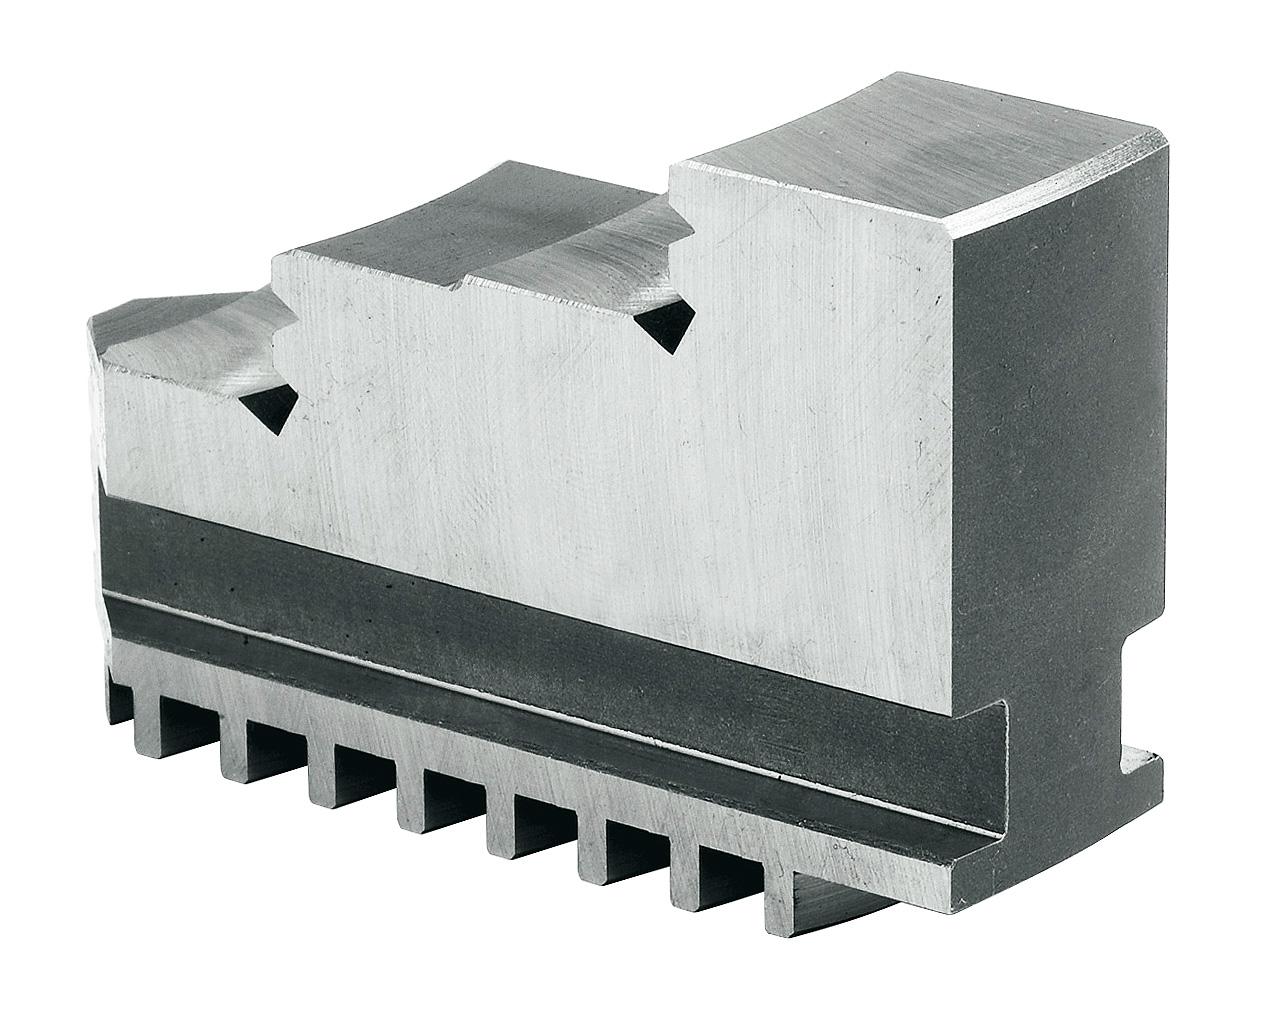 Szczęki jednolite twarde wewnętrzne - komplet IJ-PS3-630 BERNARDO